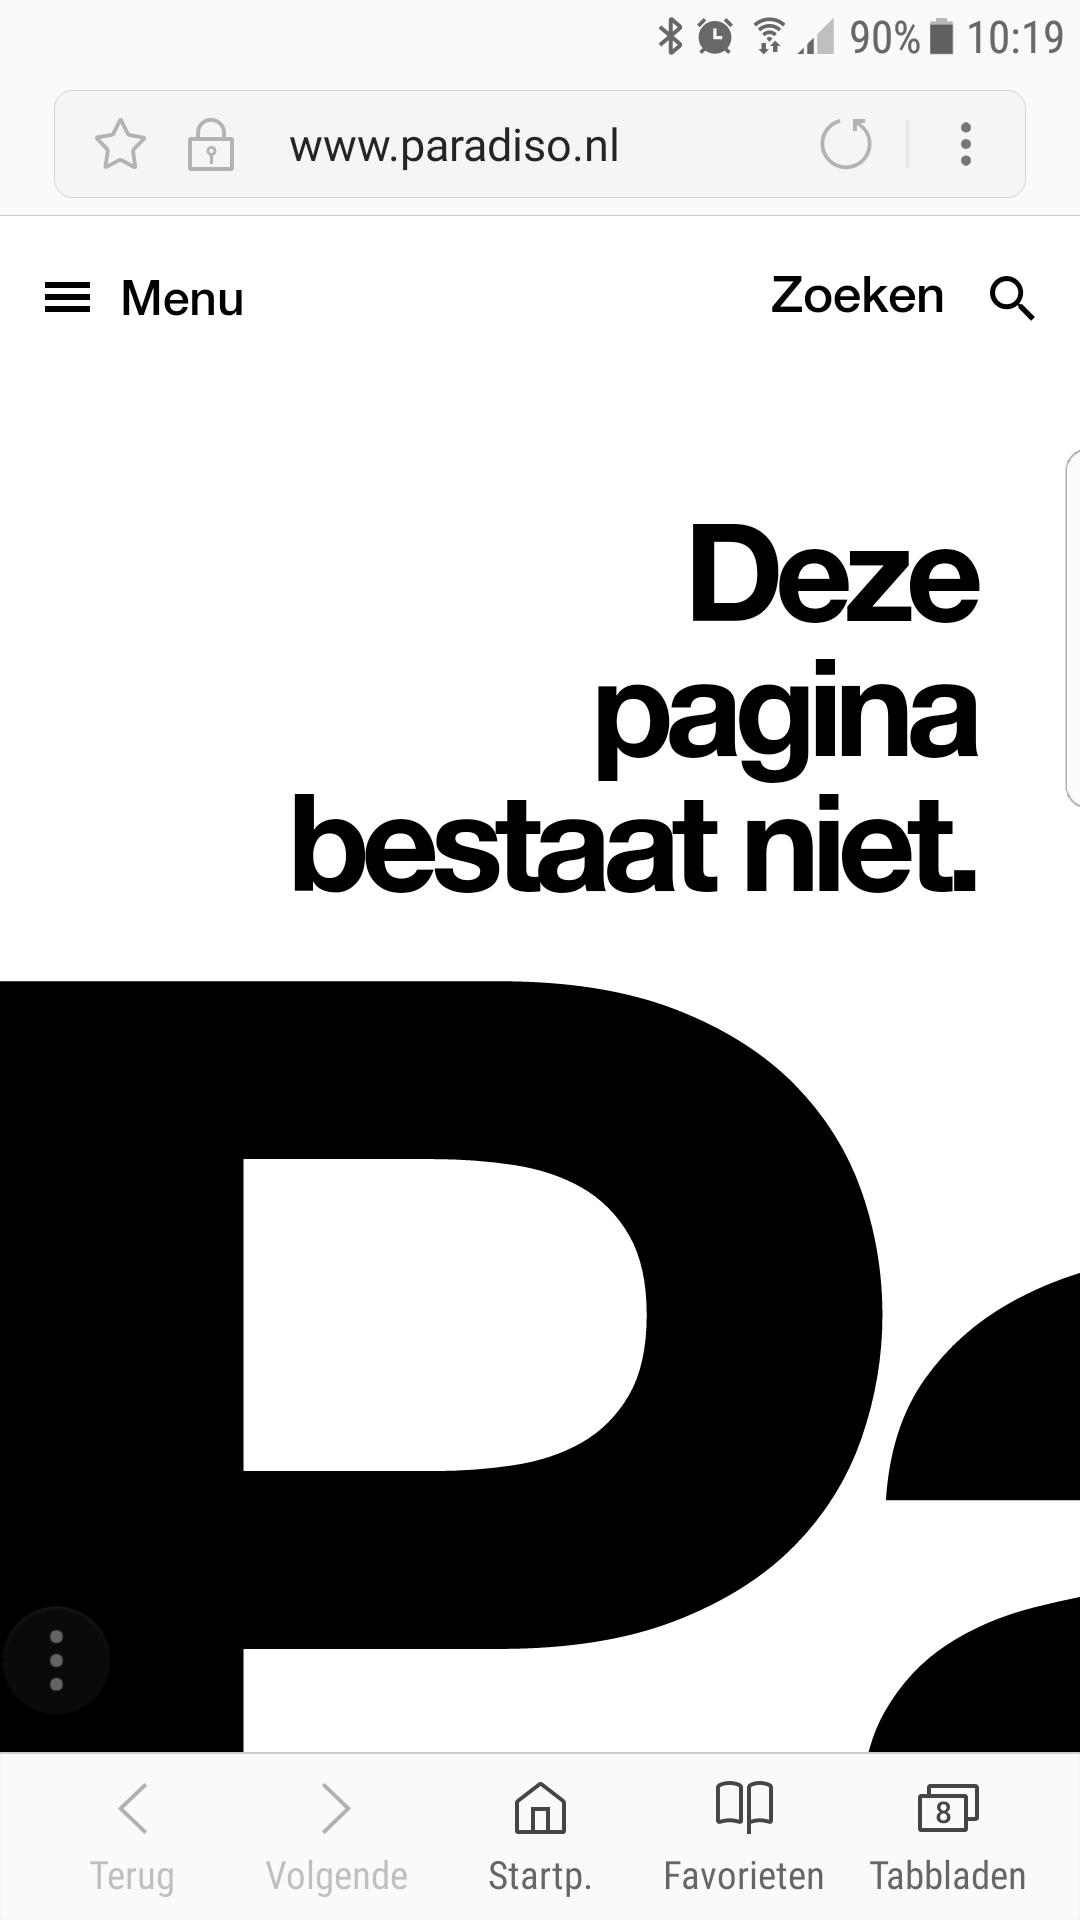 198993-3QCZb.jpg